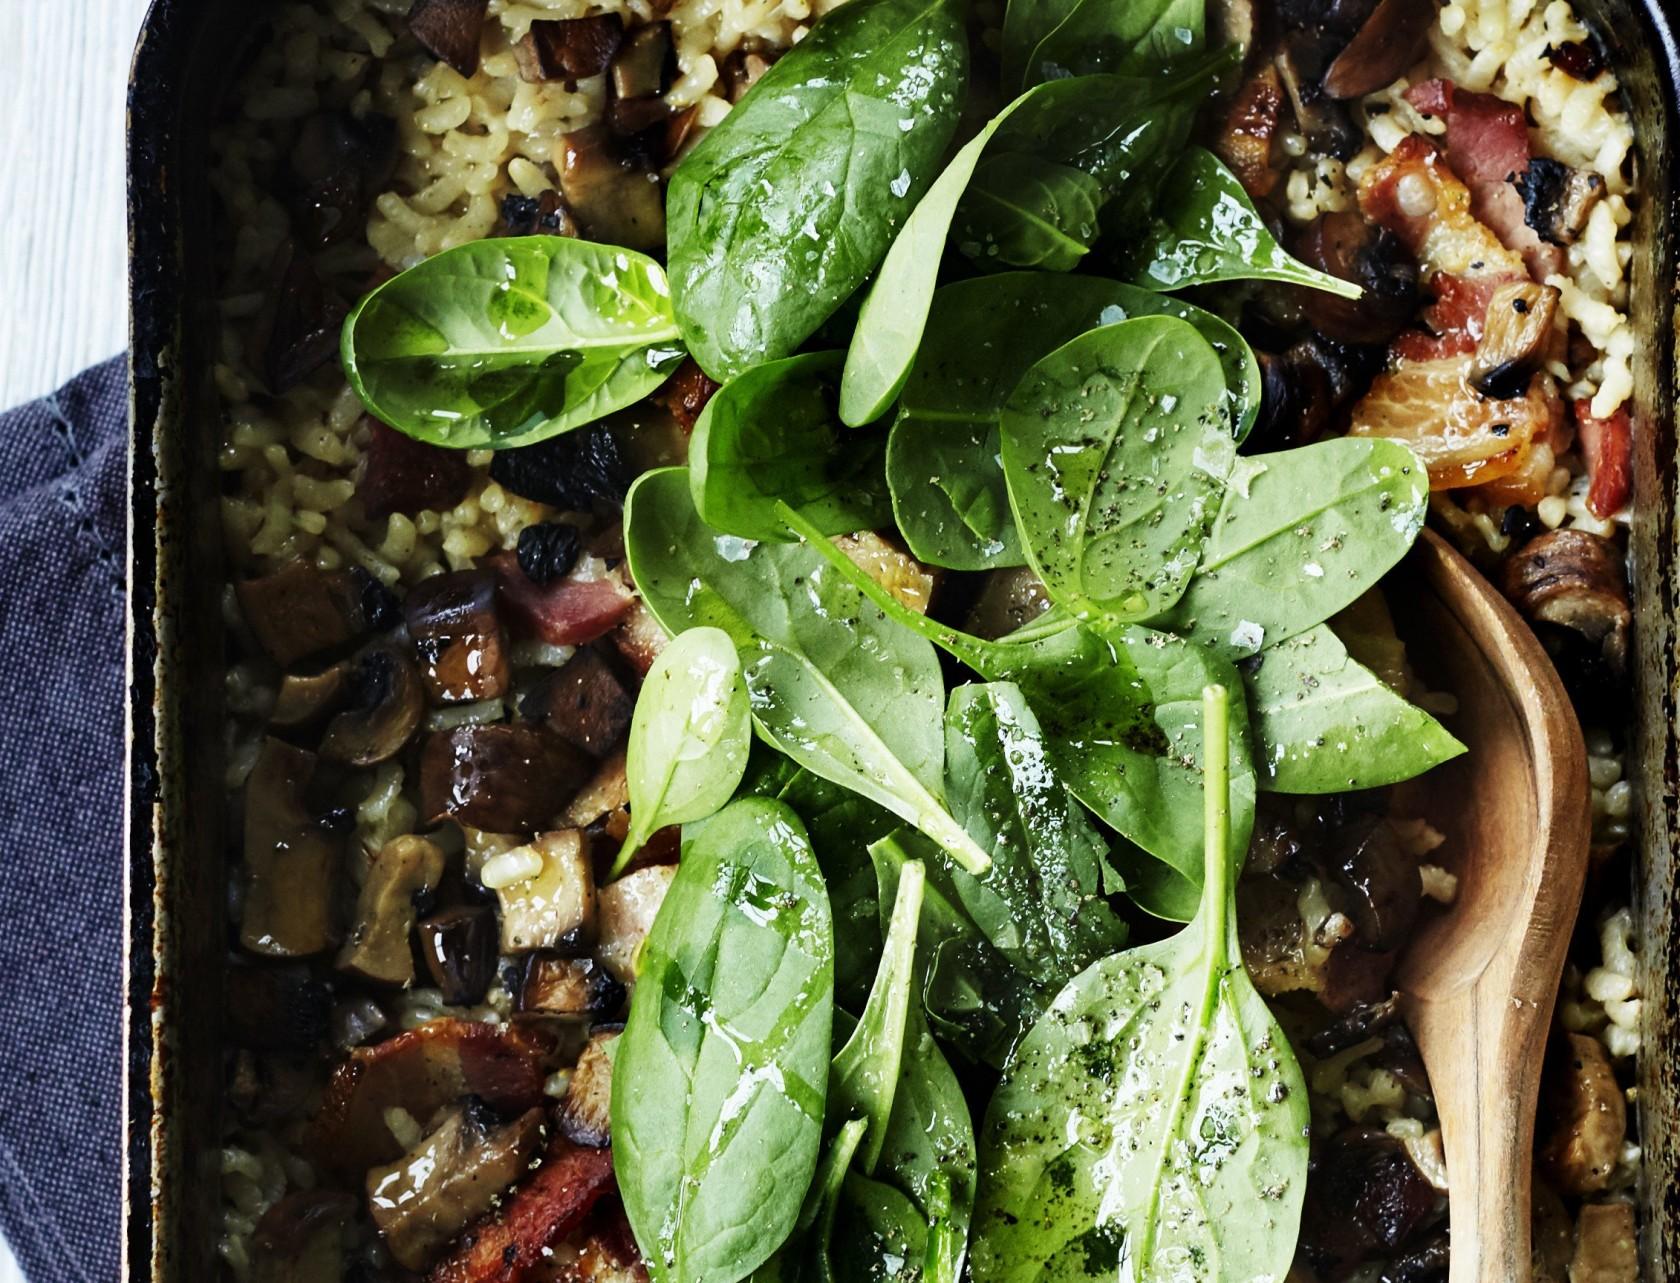 Bagt risotto med svampe og bacon - nem og lækker opskrift!